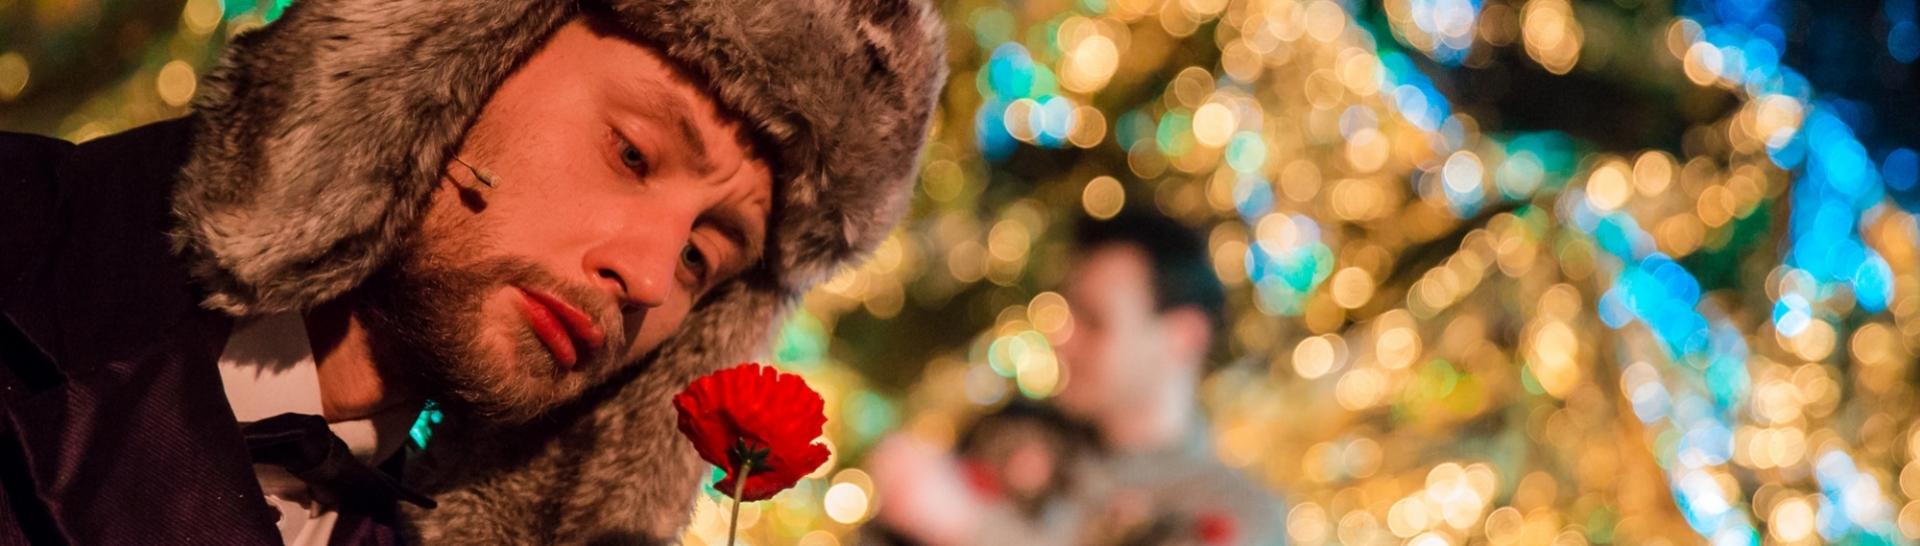 Cynkowi chłopcy, fot. Katarzyna Chmura